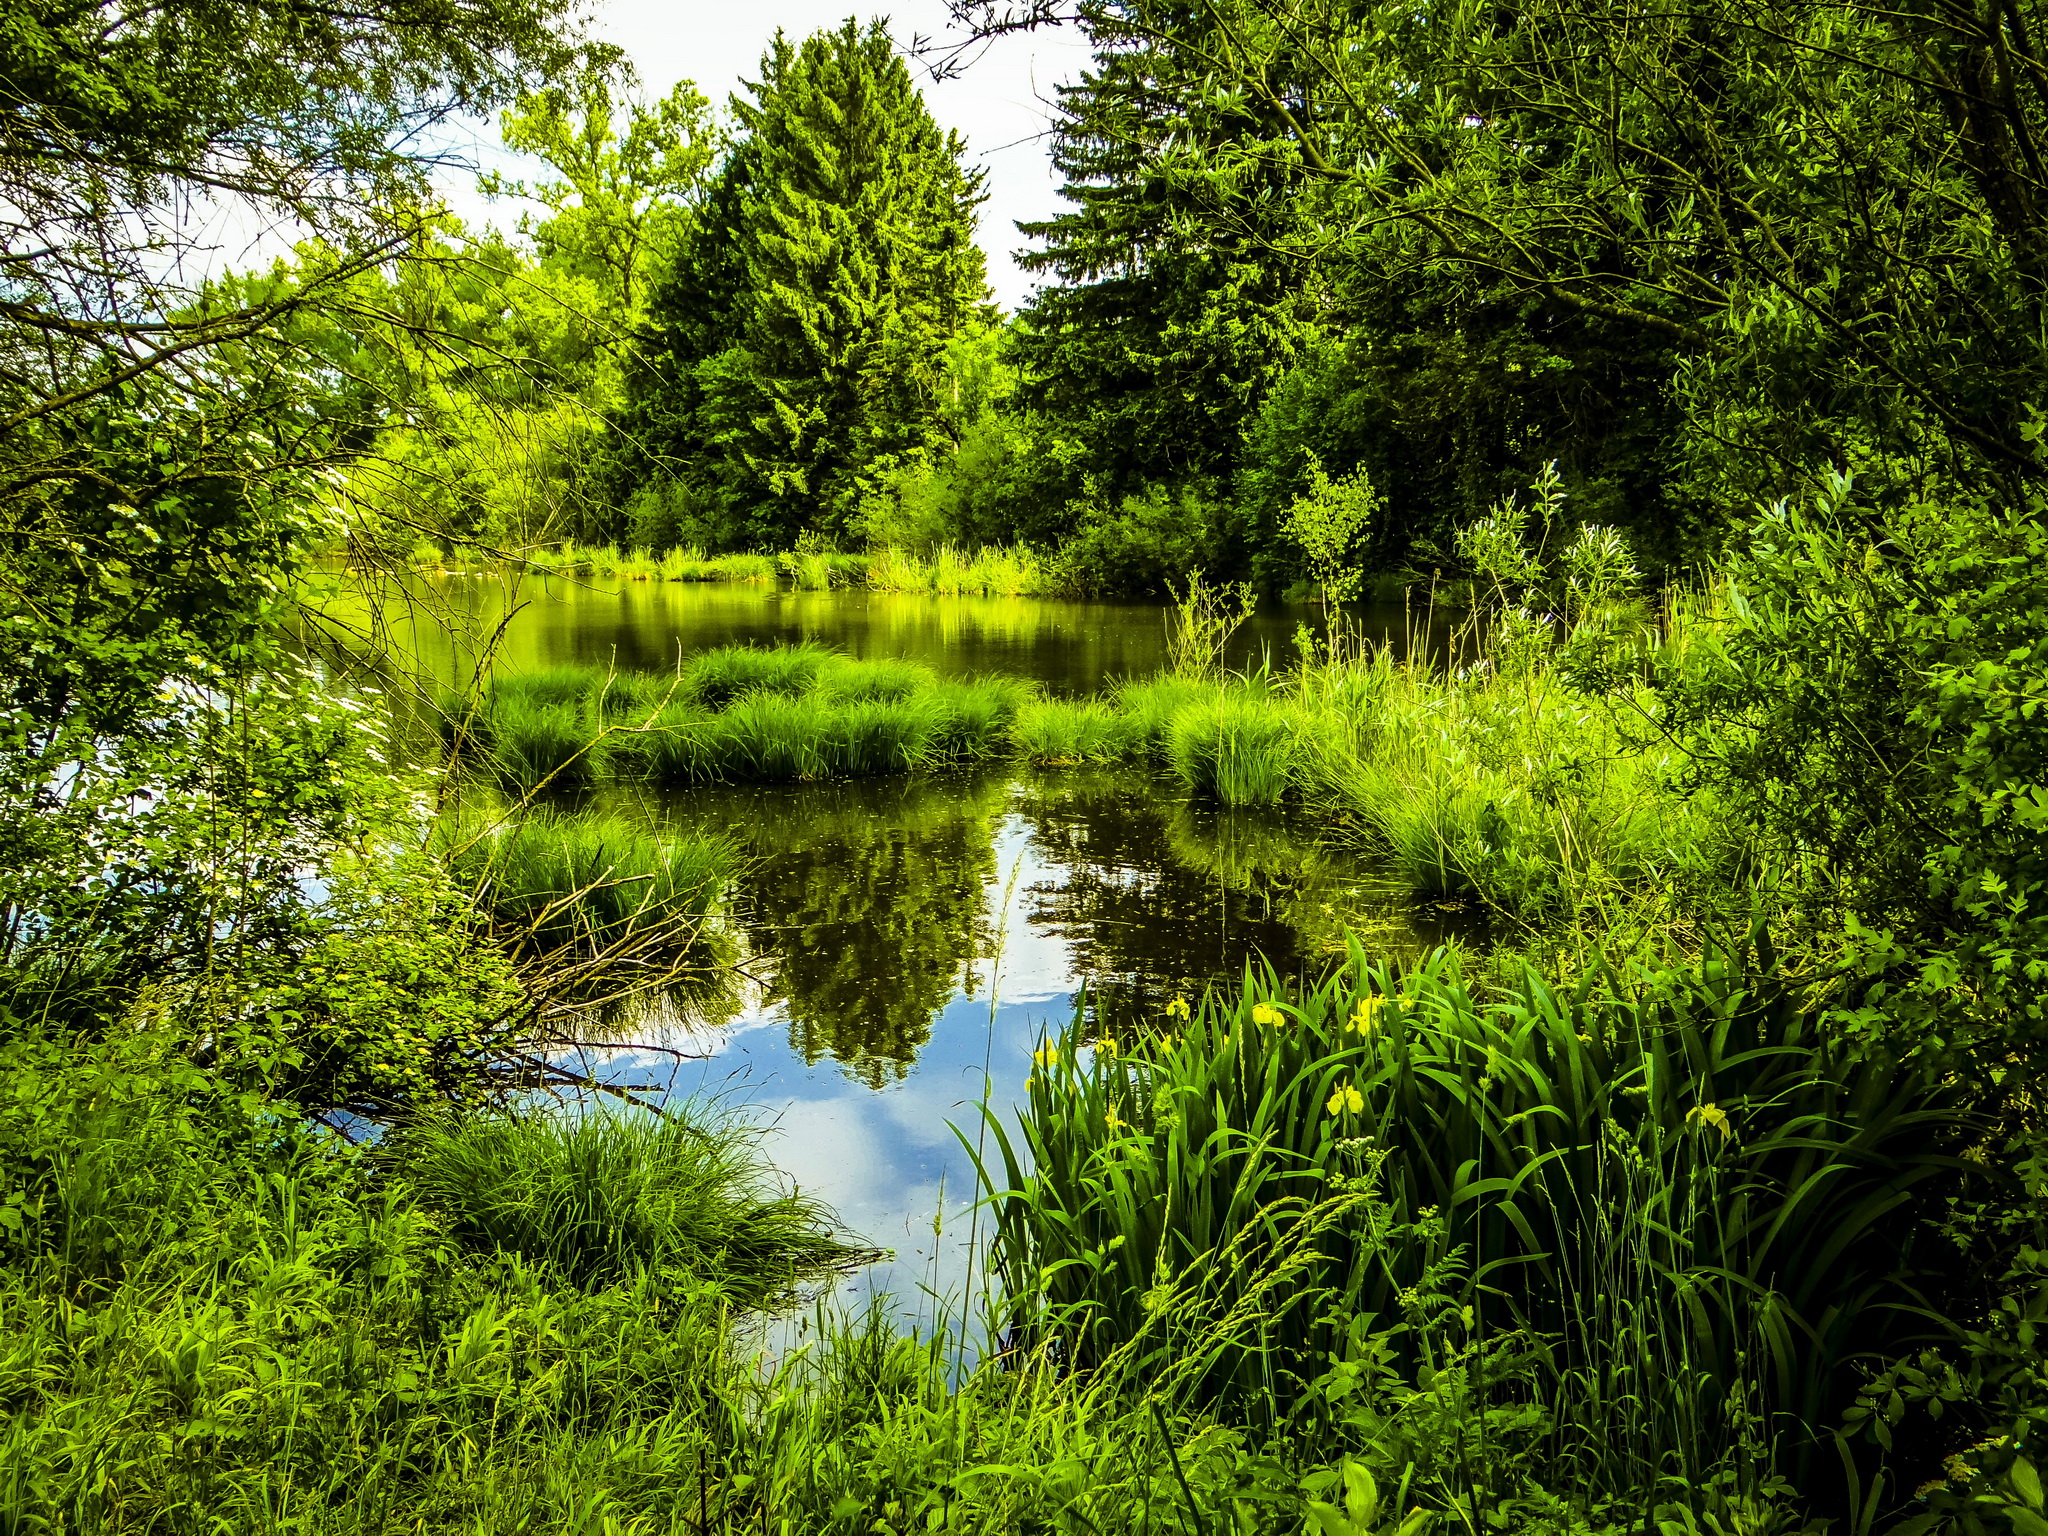 природа трава река цветы деревья парк nature grass river flowers trees Park бесплатно